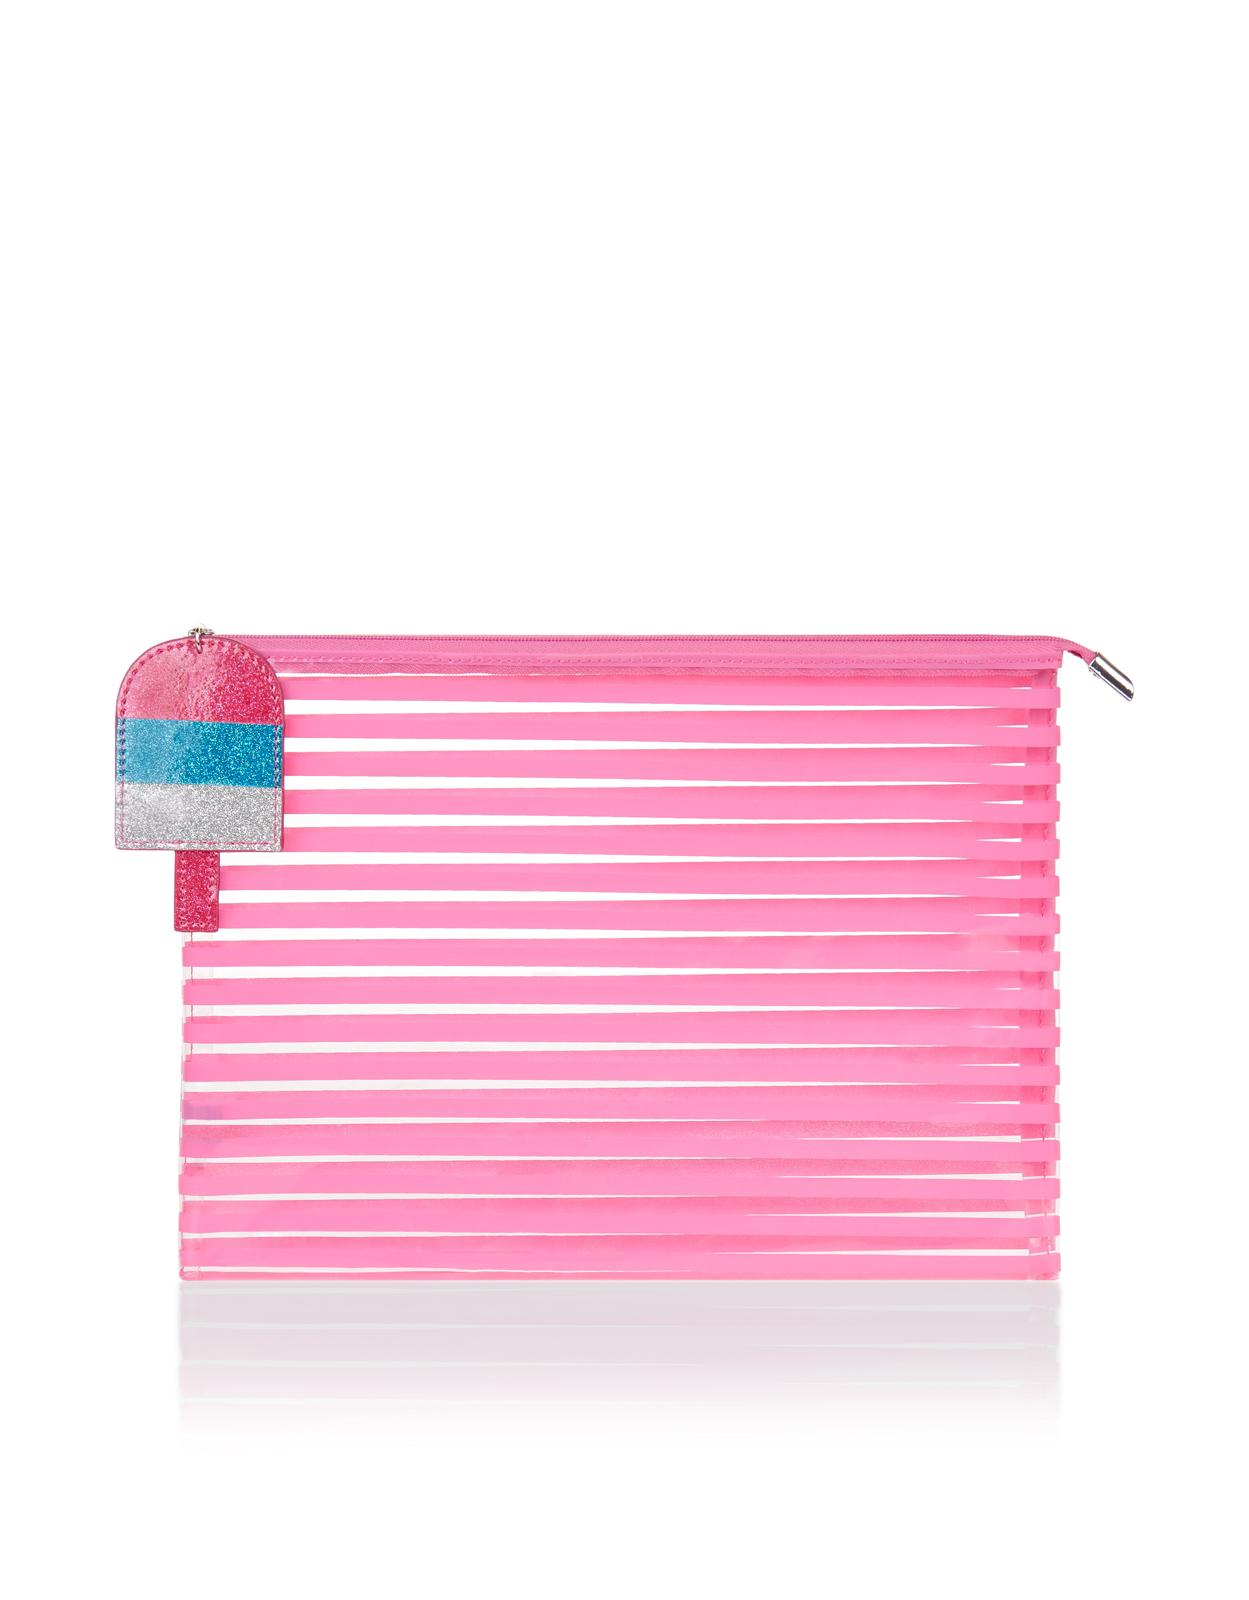 Accessorize ice lolly bikini bag £10